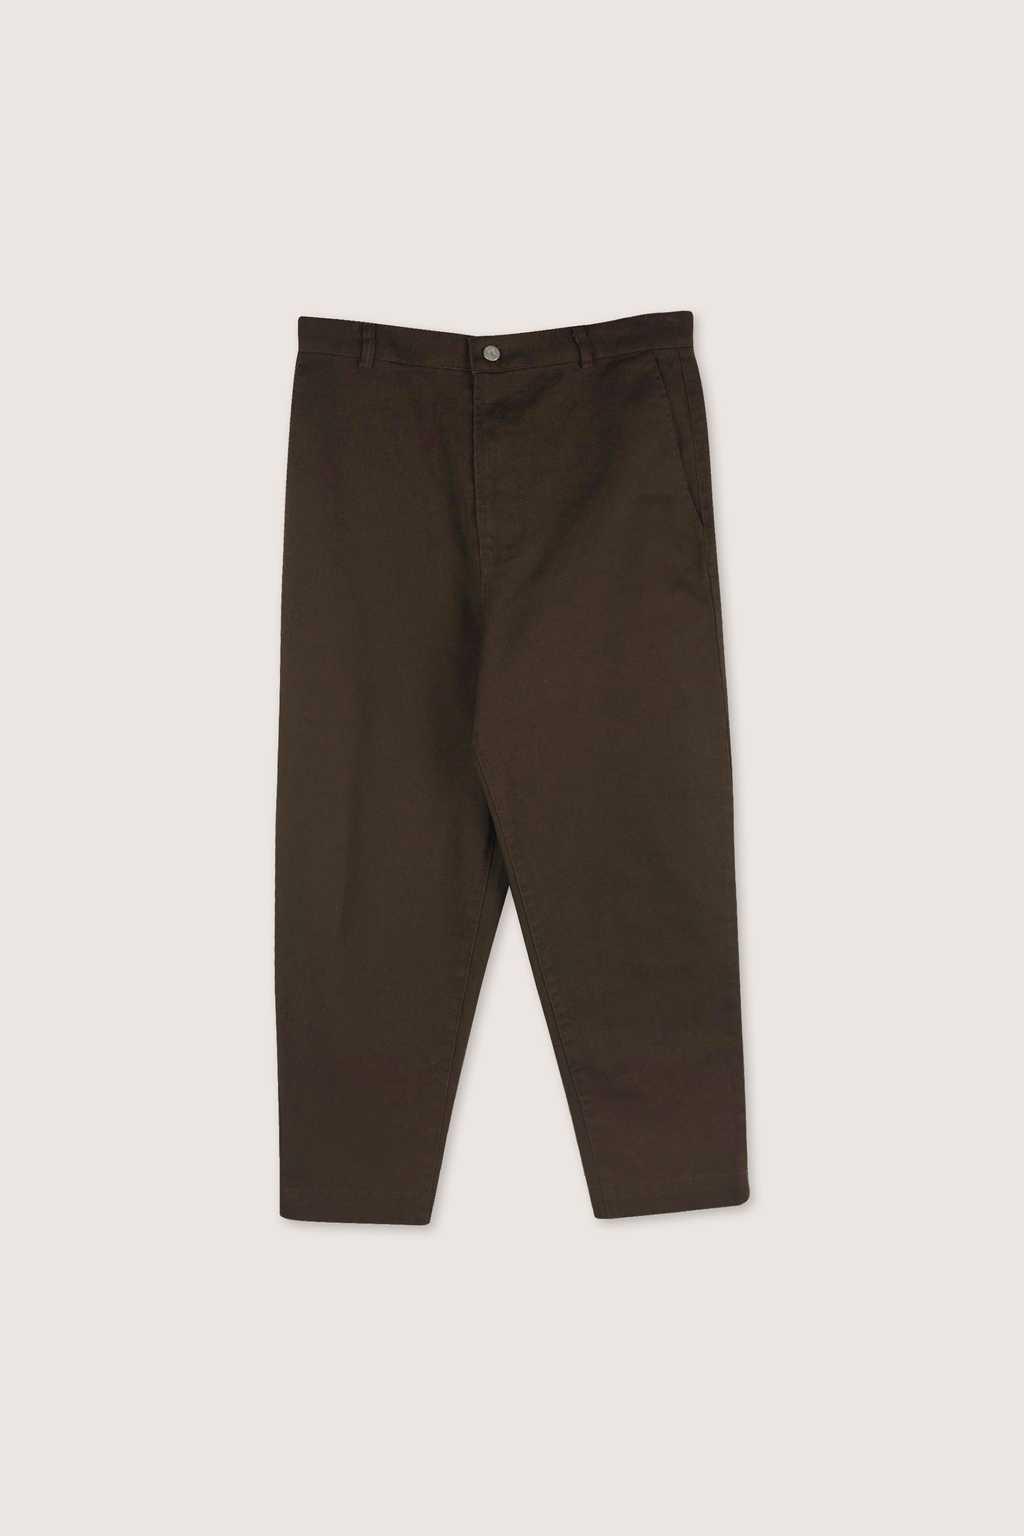 Pant H063 Brown 5